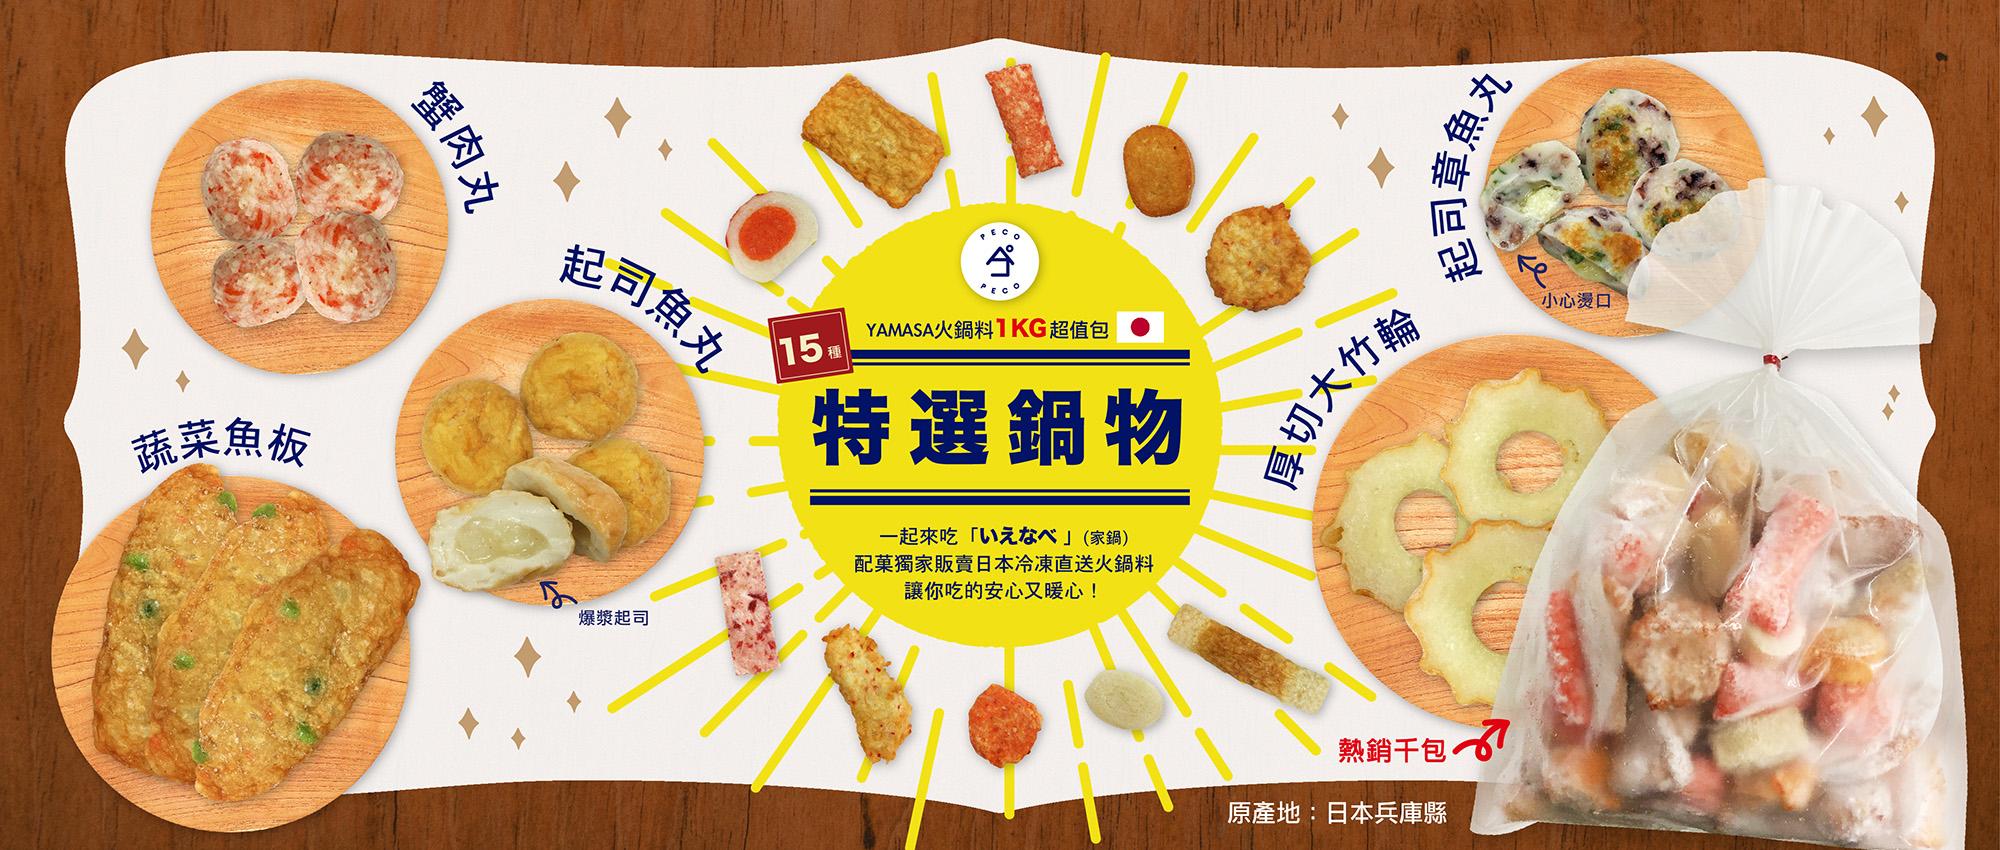 配菓獨家日本火鍋料